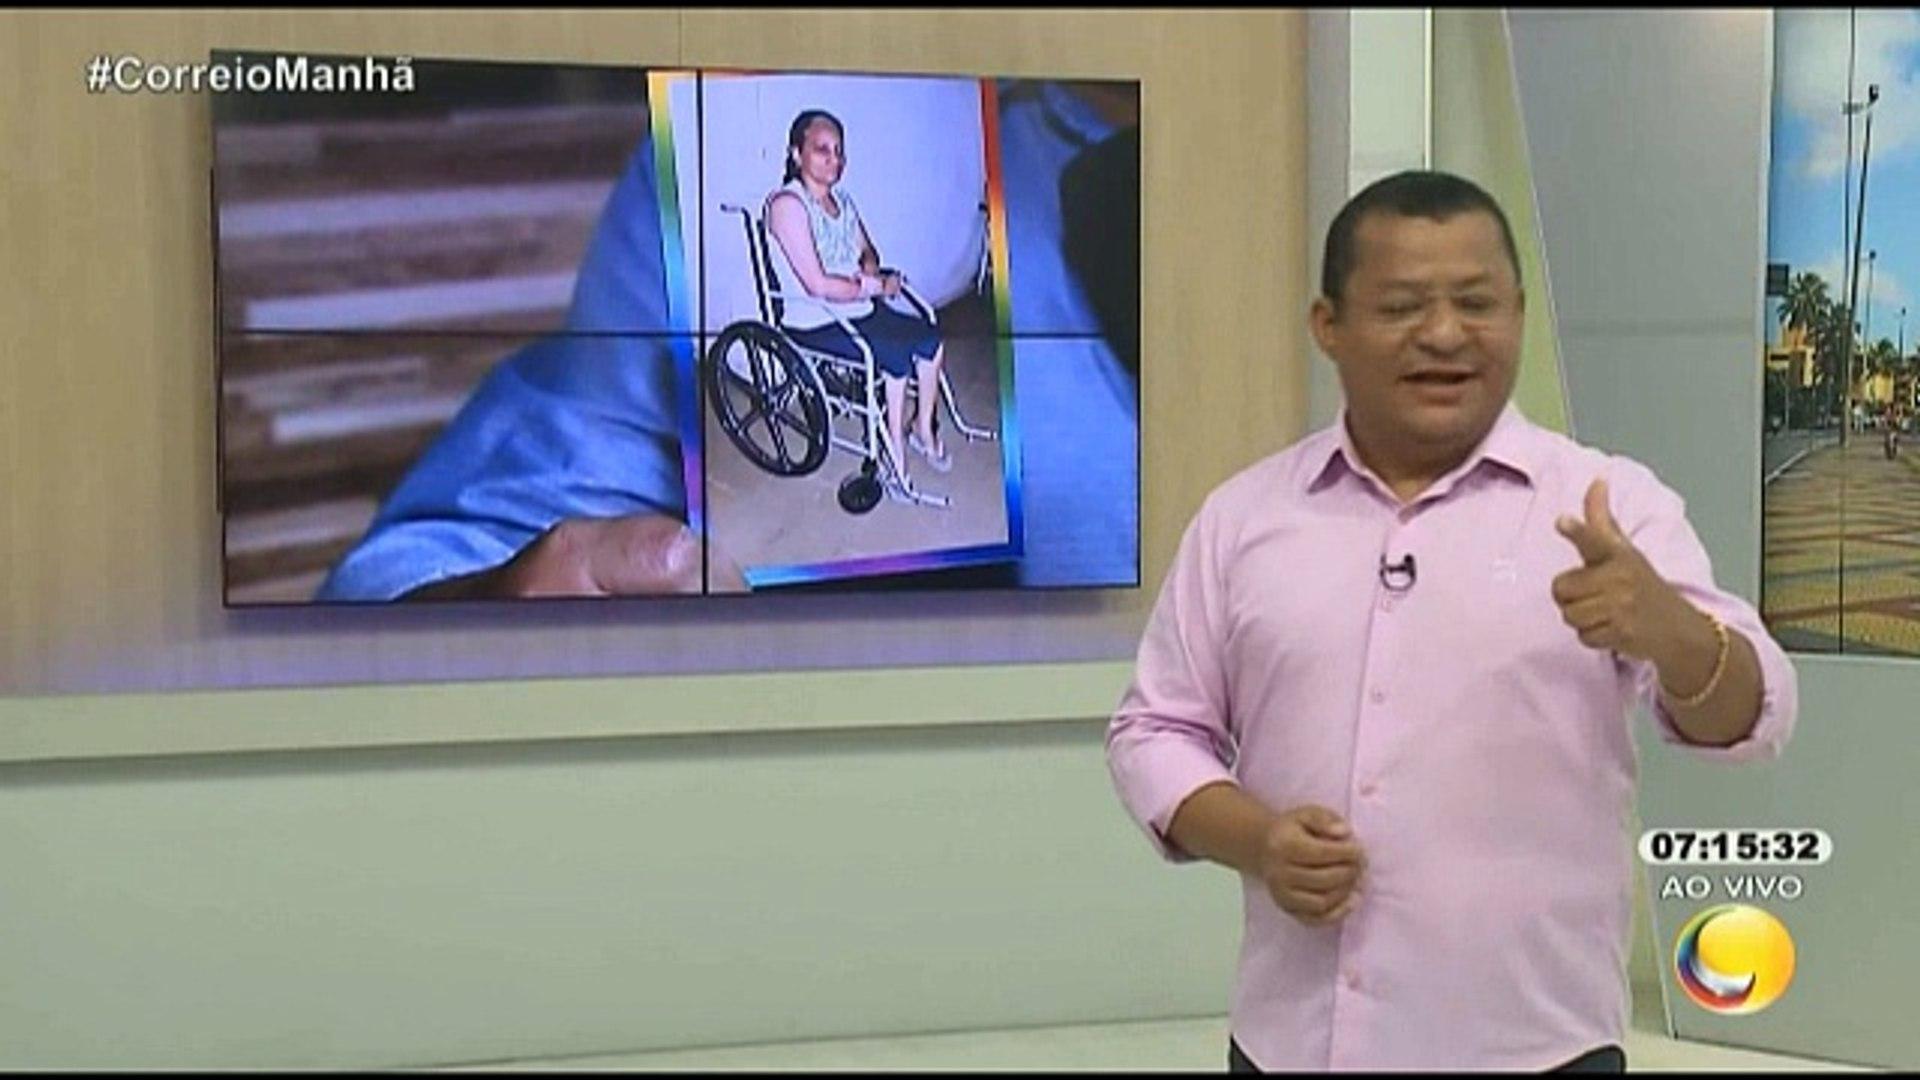 Correio Manhã – Corrente do Bem - O senhor Luiz Alves recebeu ontem a nova cadeira de rodas para a m